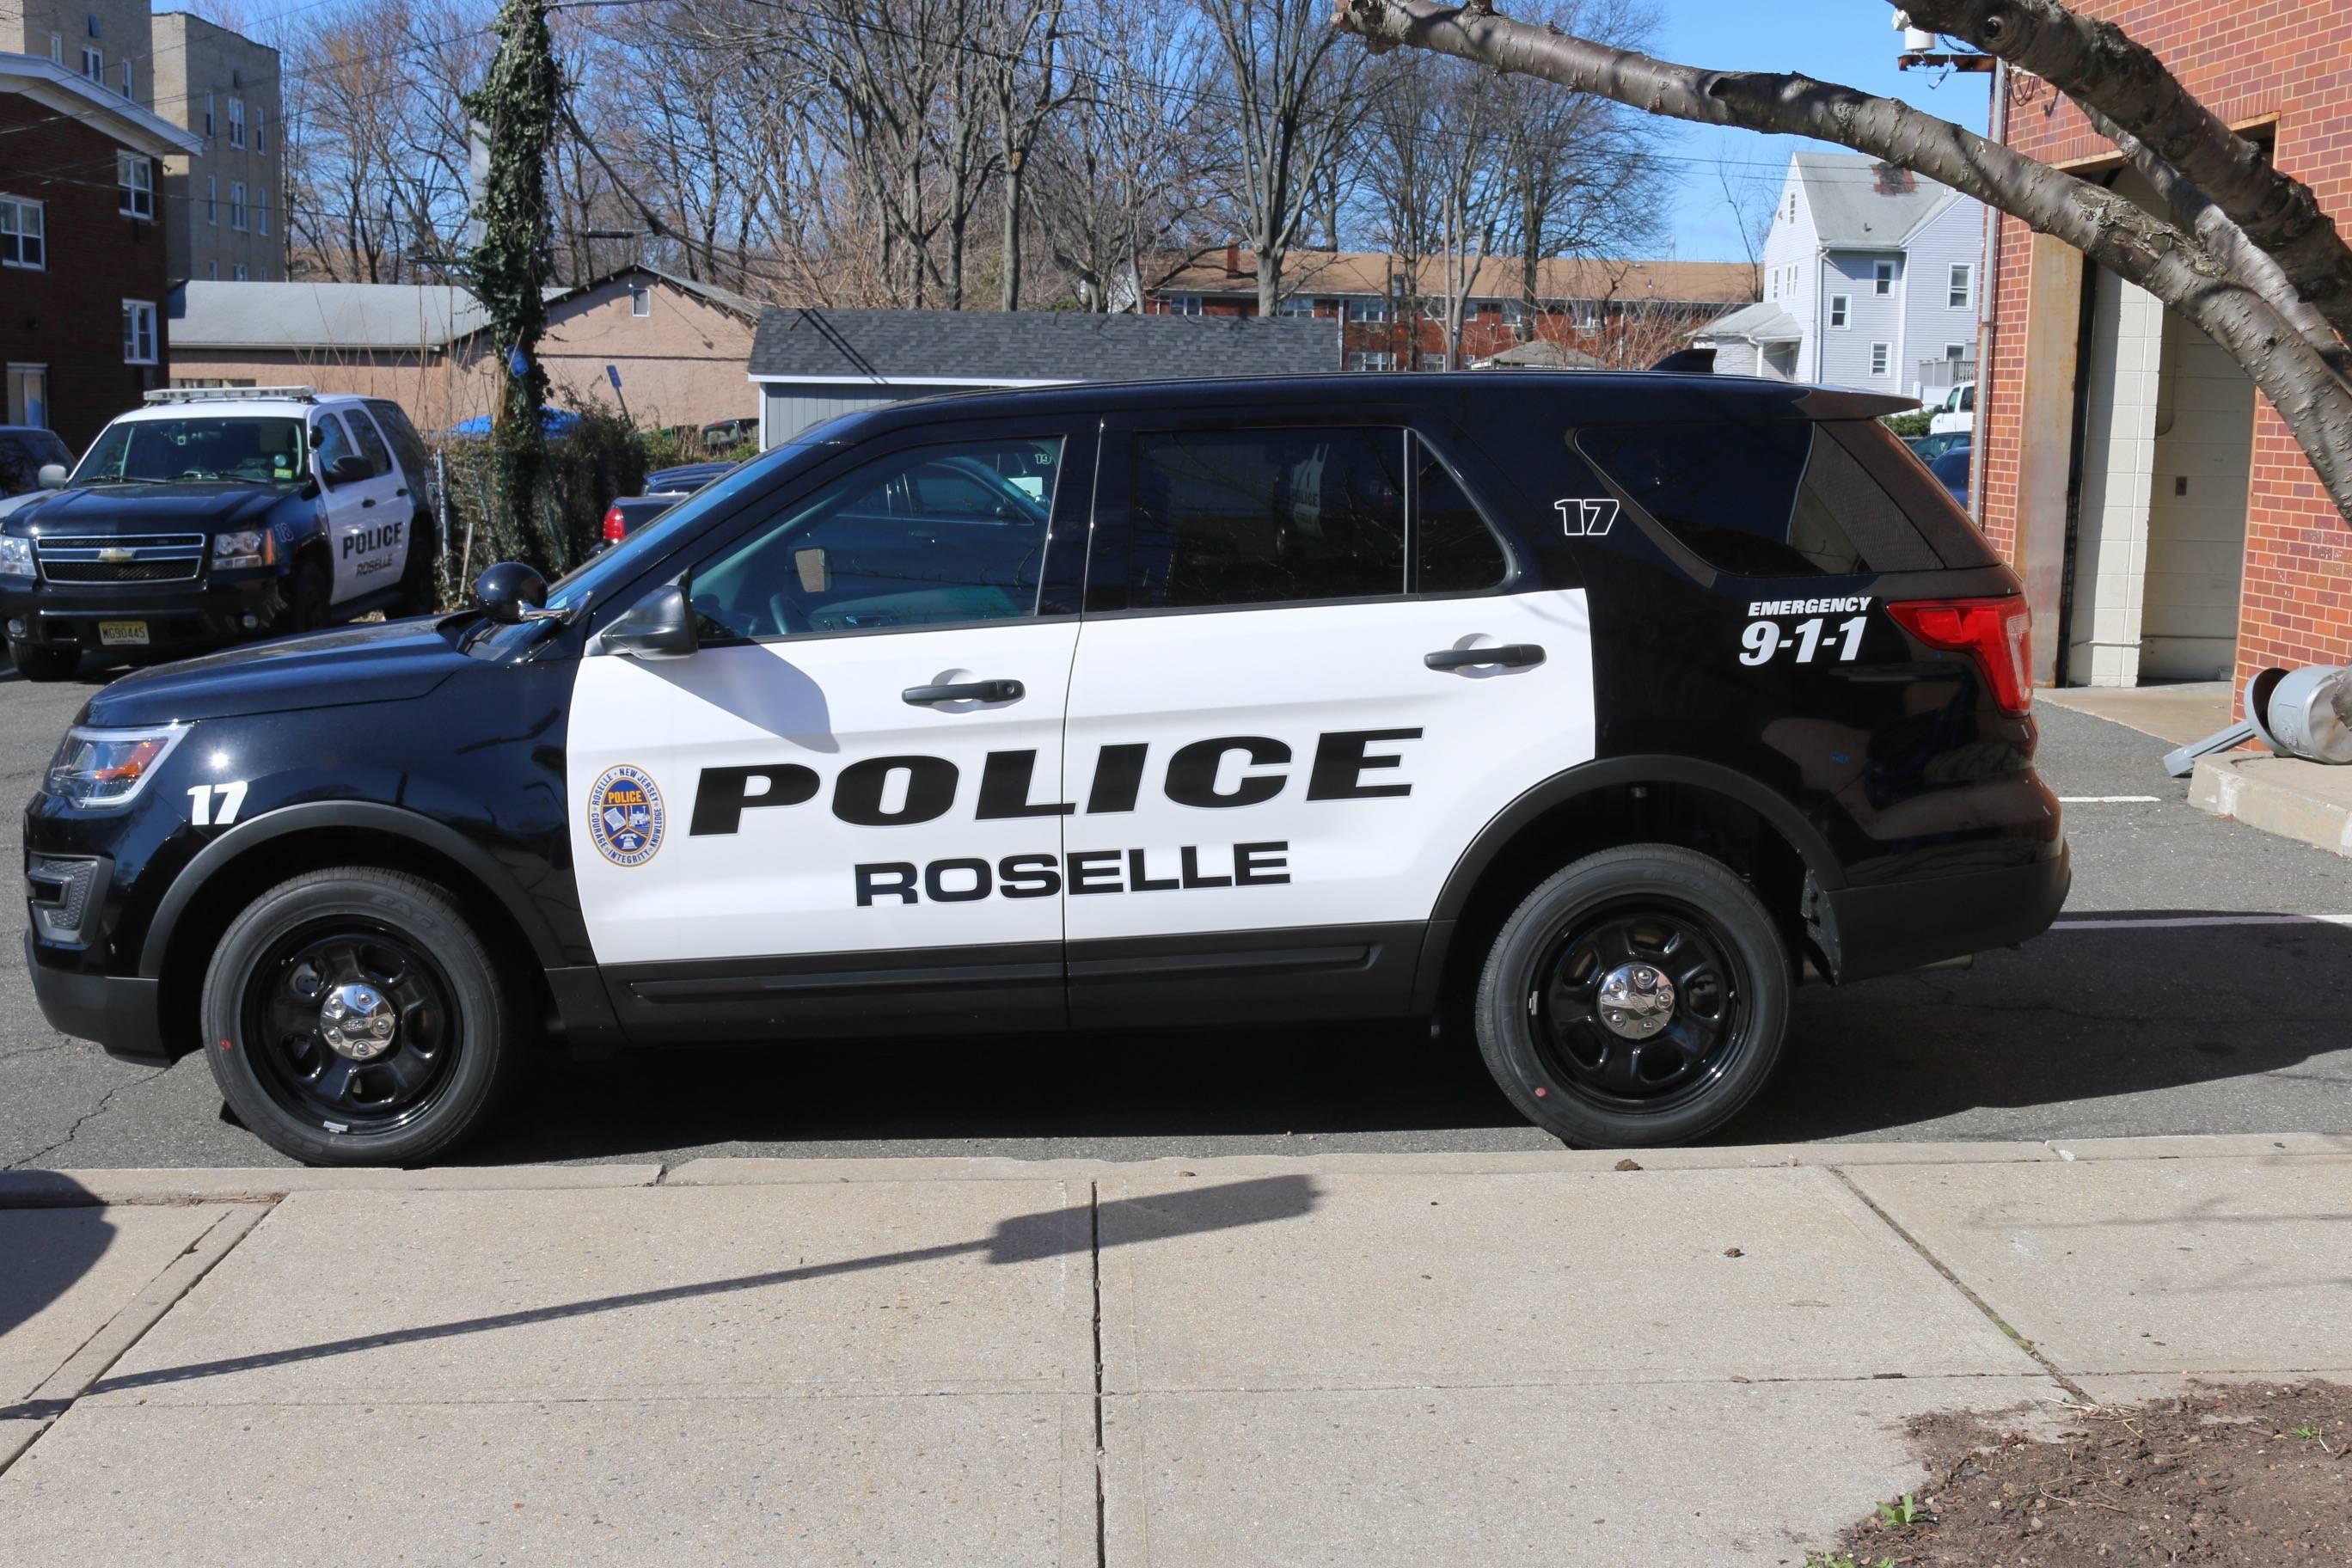 1b12cd427da457d45665_Roselle_Police_Car.jpg